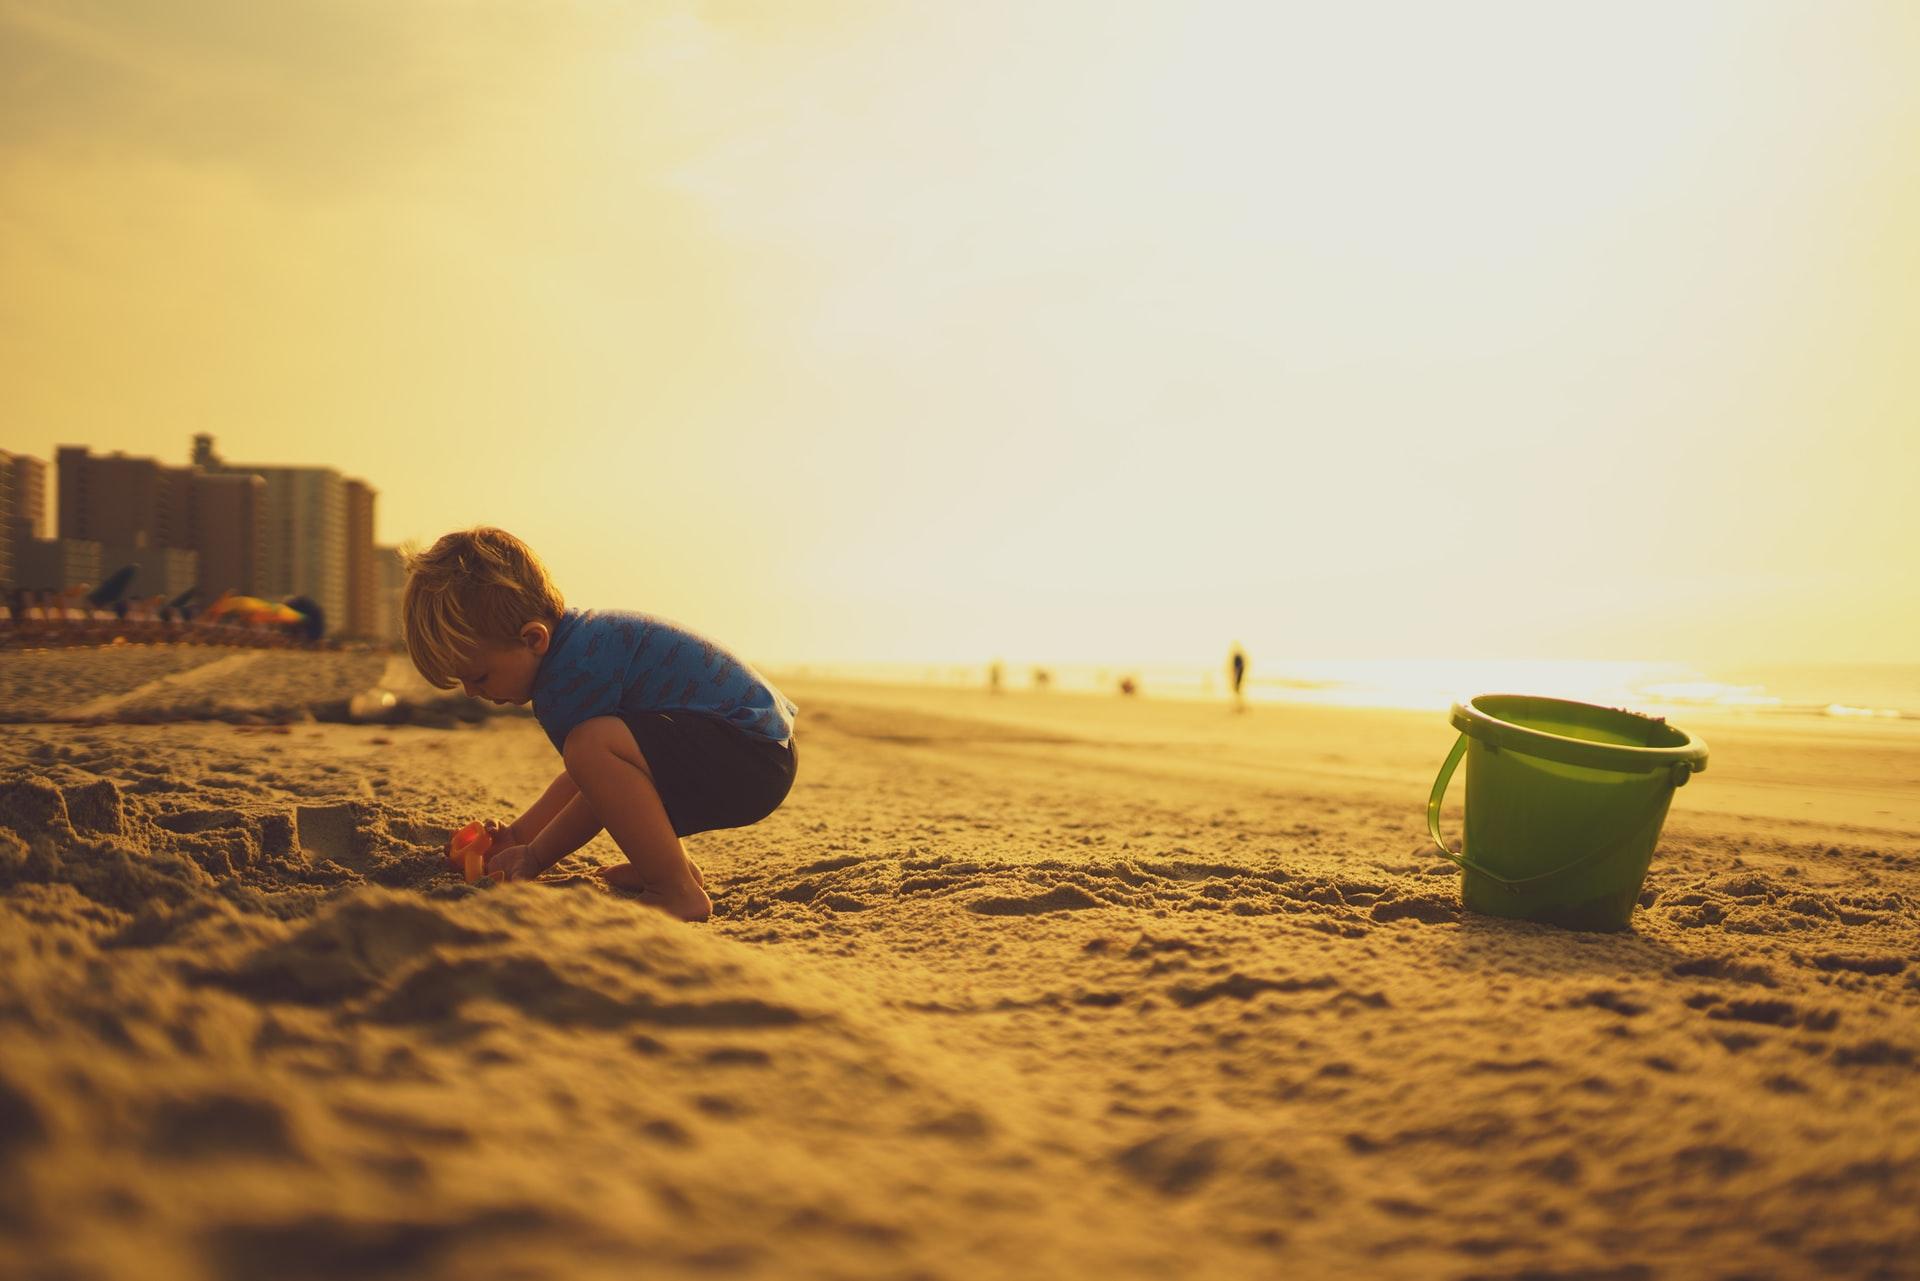 バケツを置いて砂浜で遊ぶこども